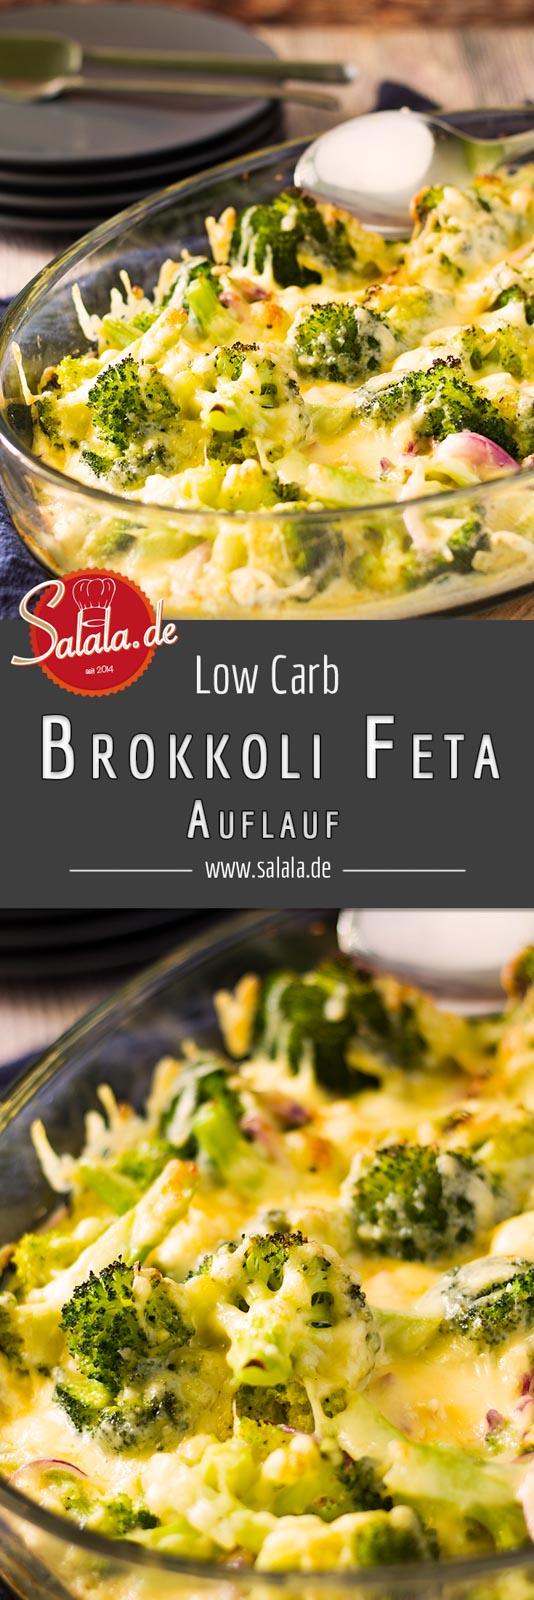 Brokkoli-Feta-Auflauf - by salala.de - Low Carb Rezept vegetarisch mit Ei und Sahne #lowcarbrezept #lowcarb #vegetarisch #gratin #lowcarbveggie